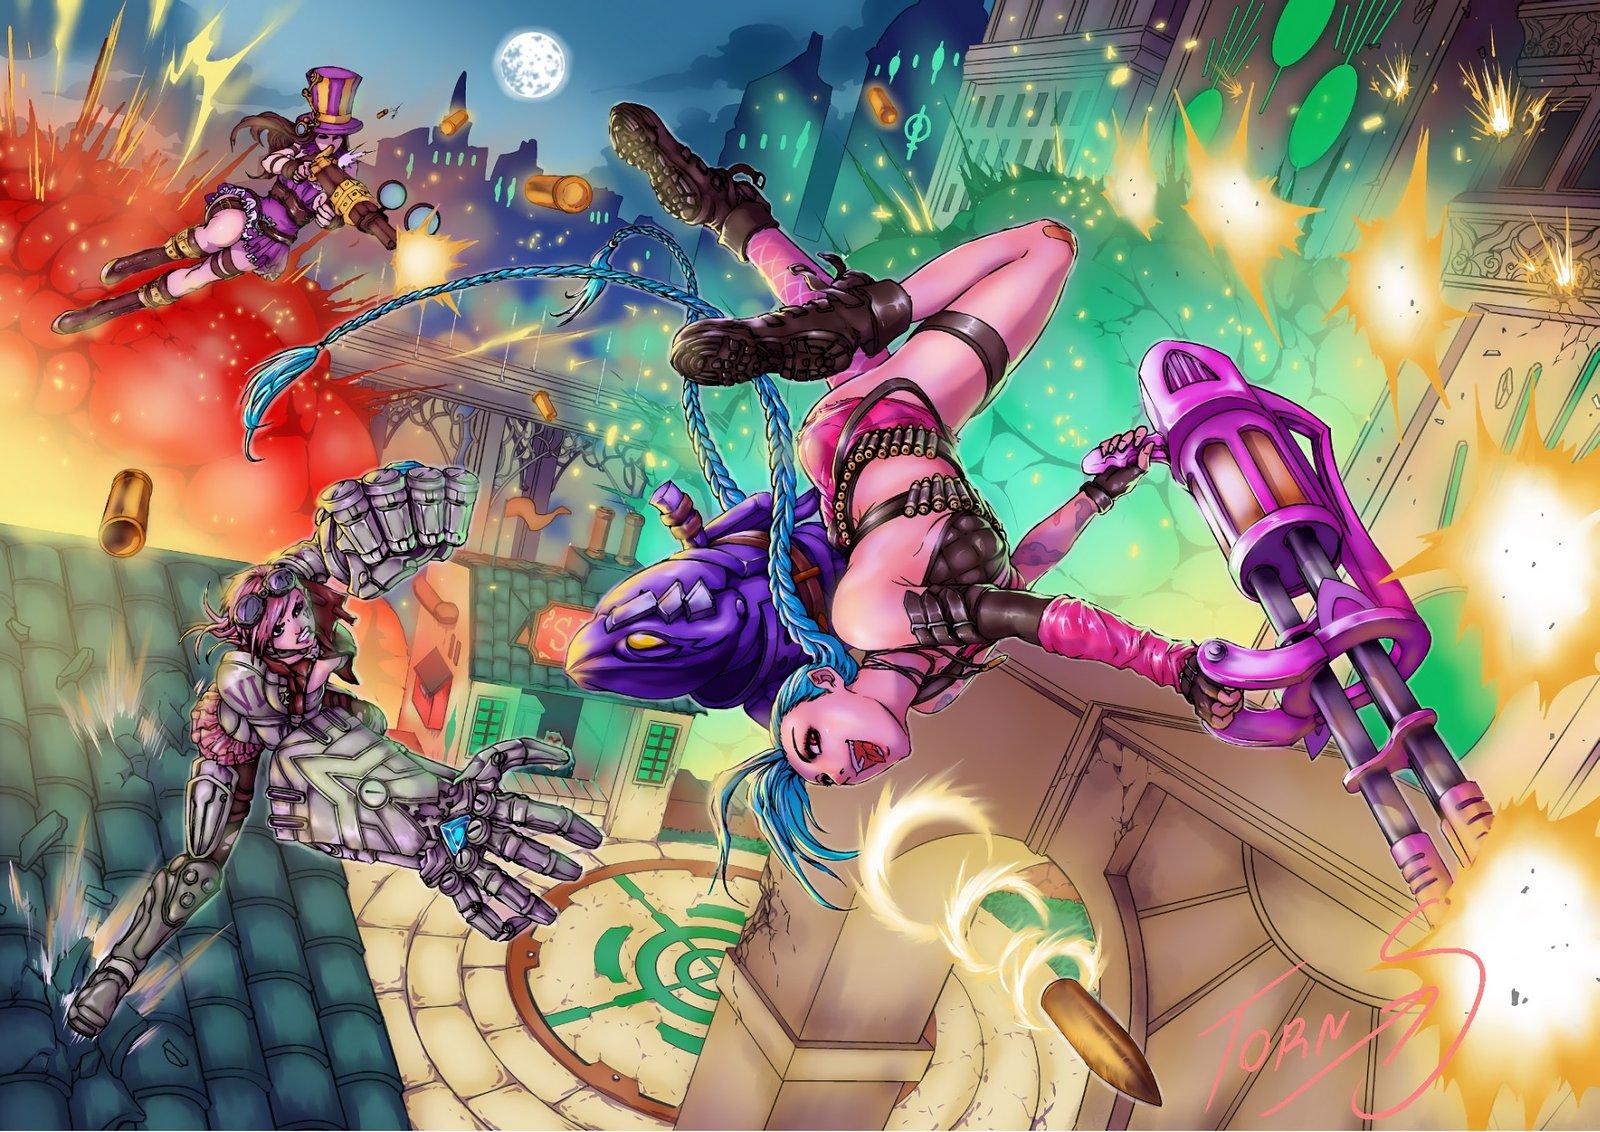 Vi & Caitlyn Vs Jinx by Torn_S HD Wallpaper Fan Art Artwork League of Legends lol HD Wallpaper Fan Art Artwork League of Legends lol